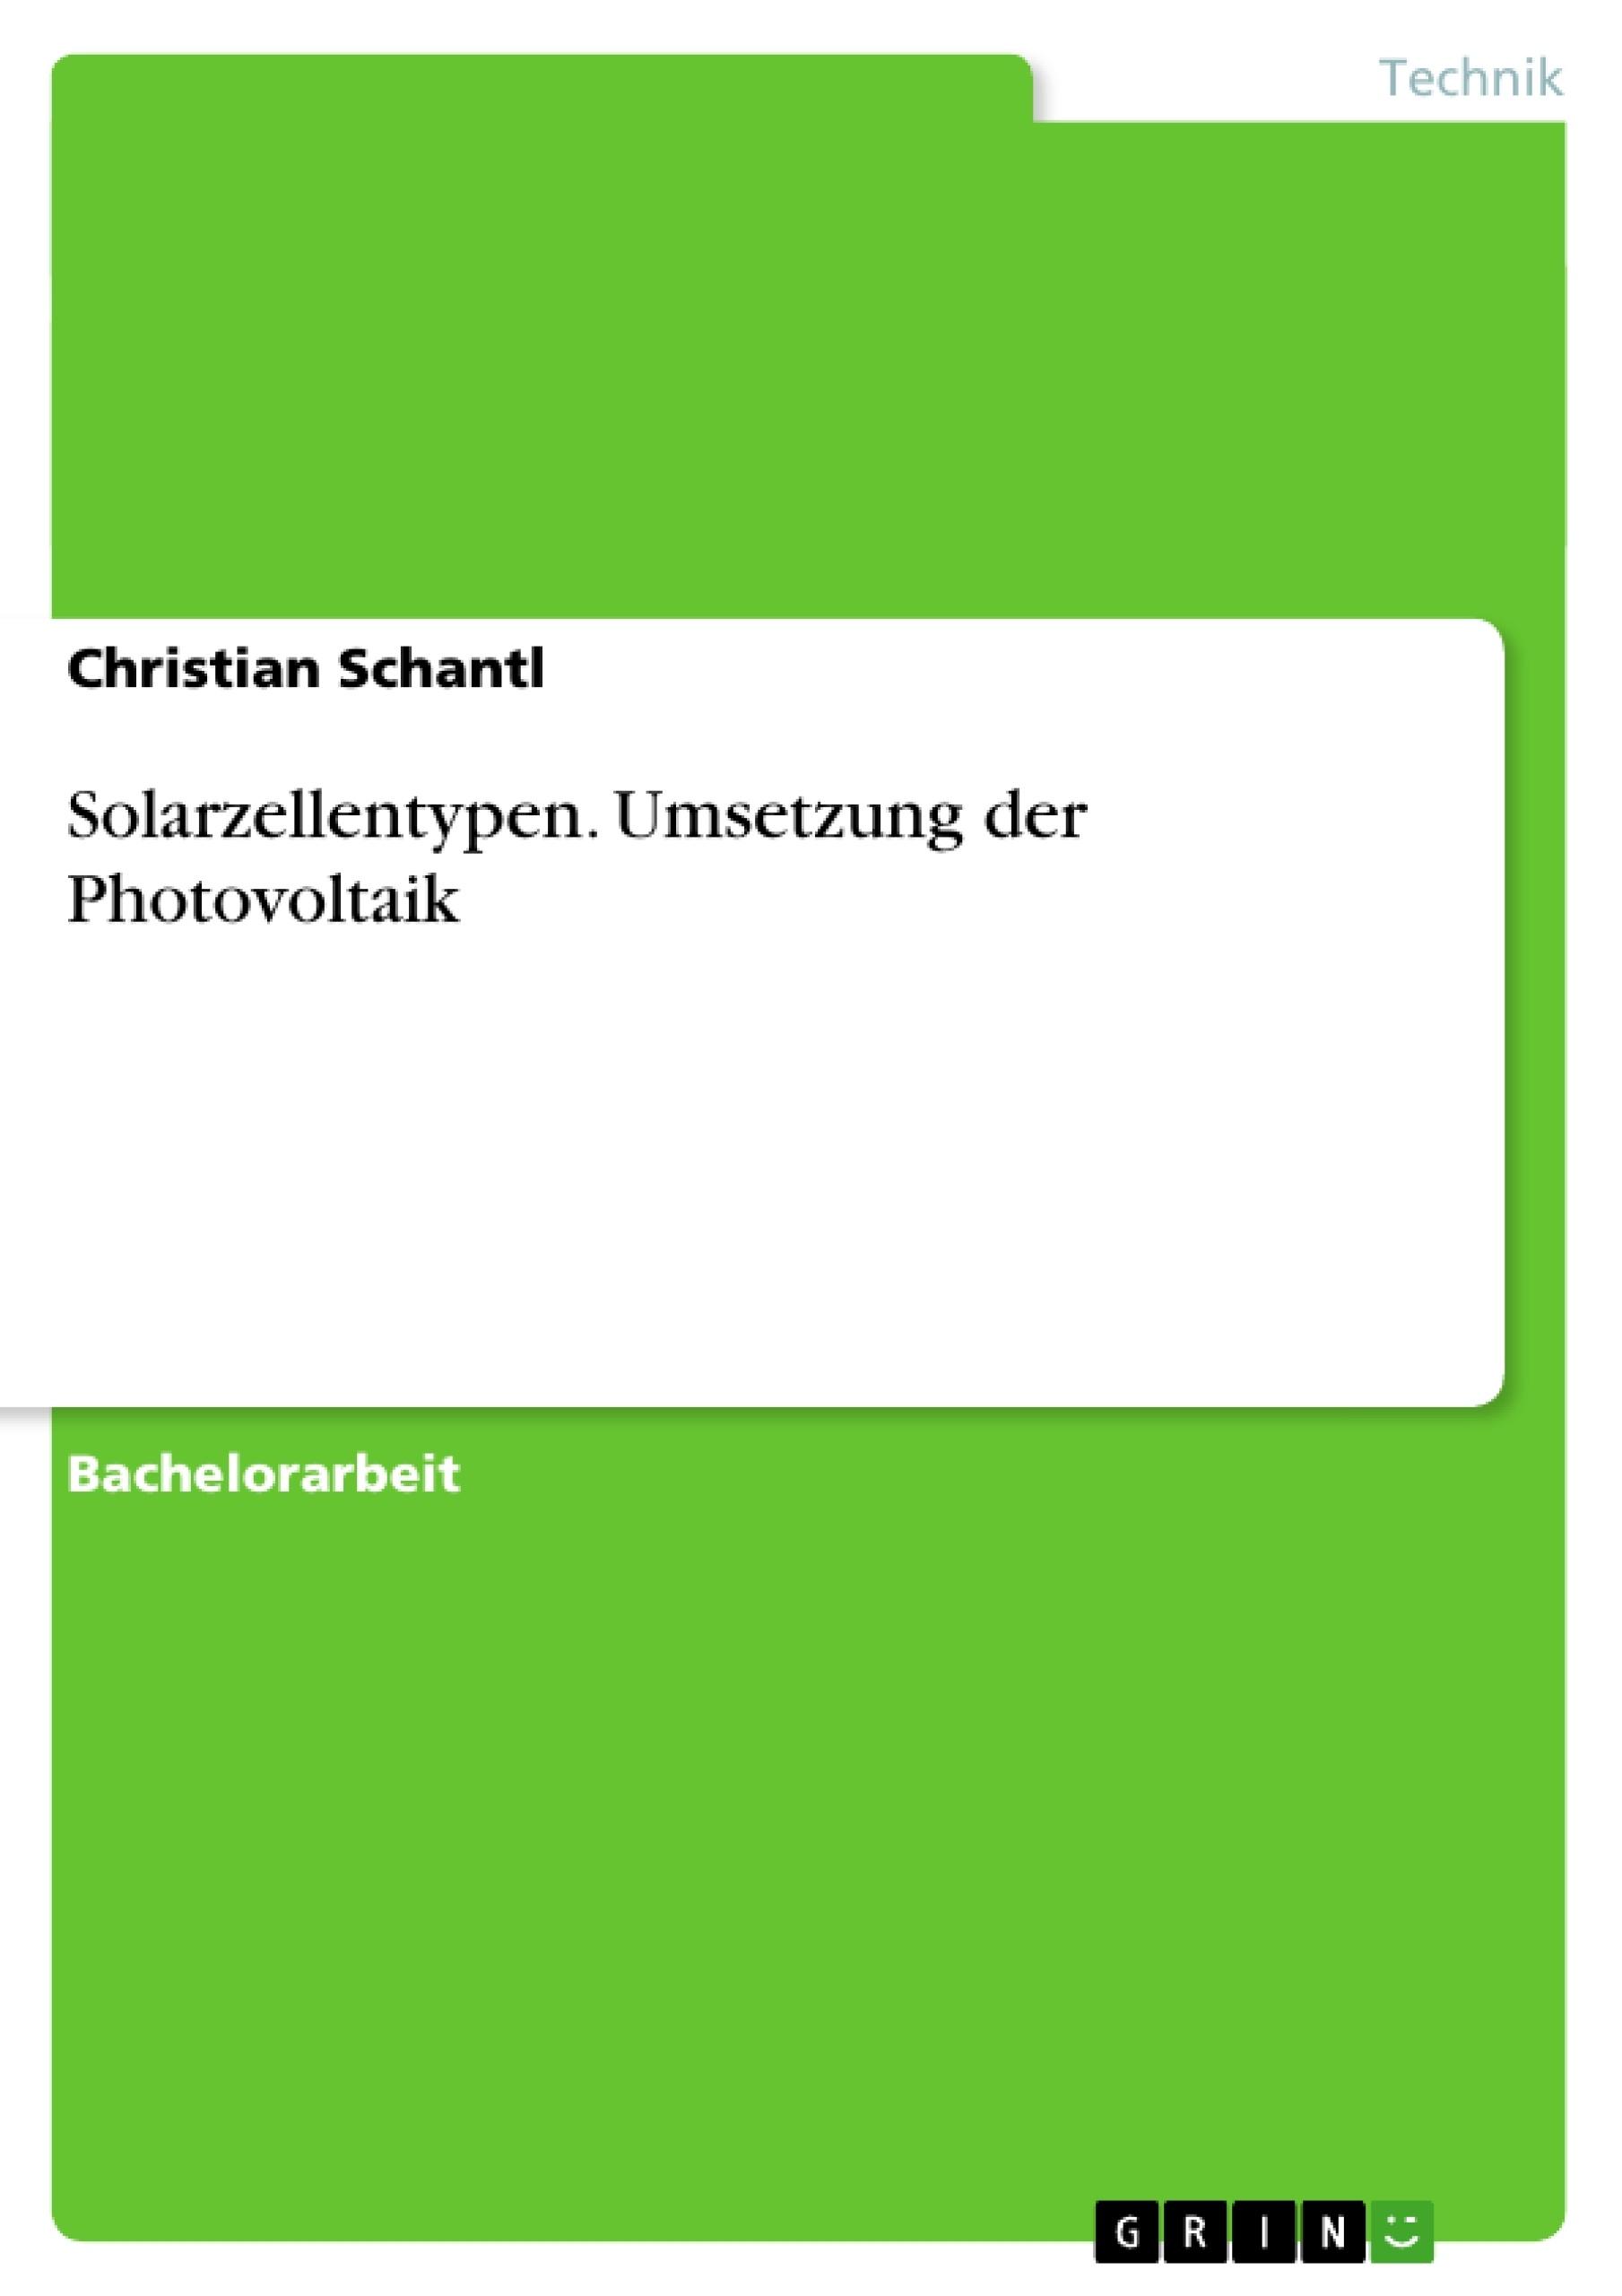 Titel: Solarzellentypen. Umsetzung der Photovoltaik